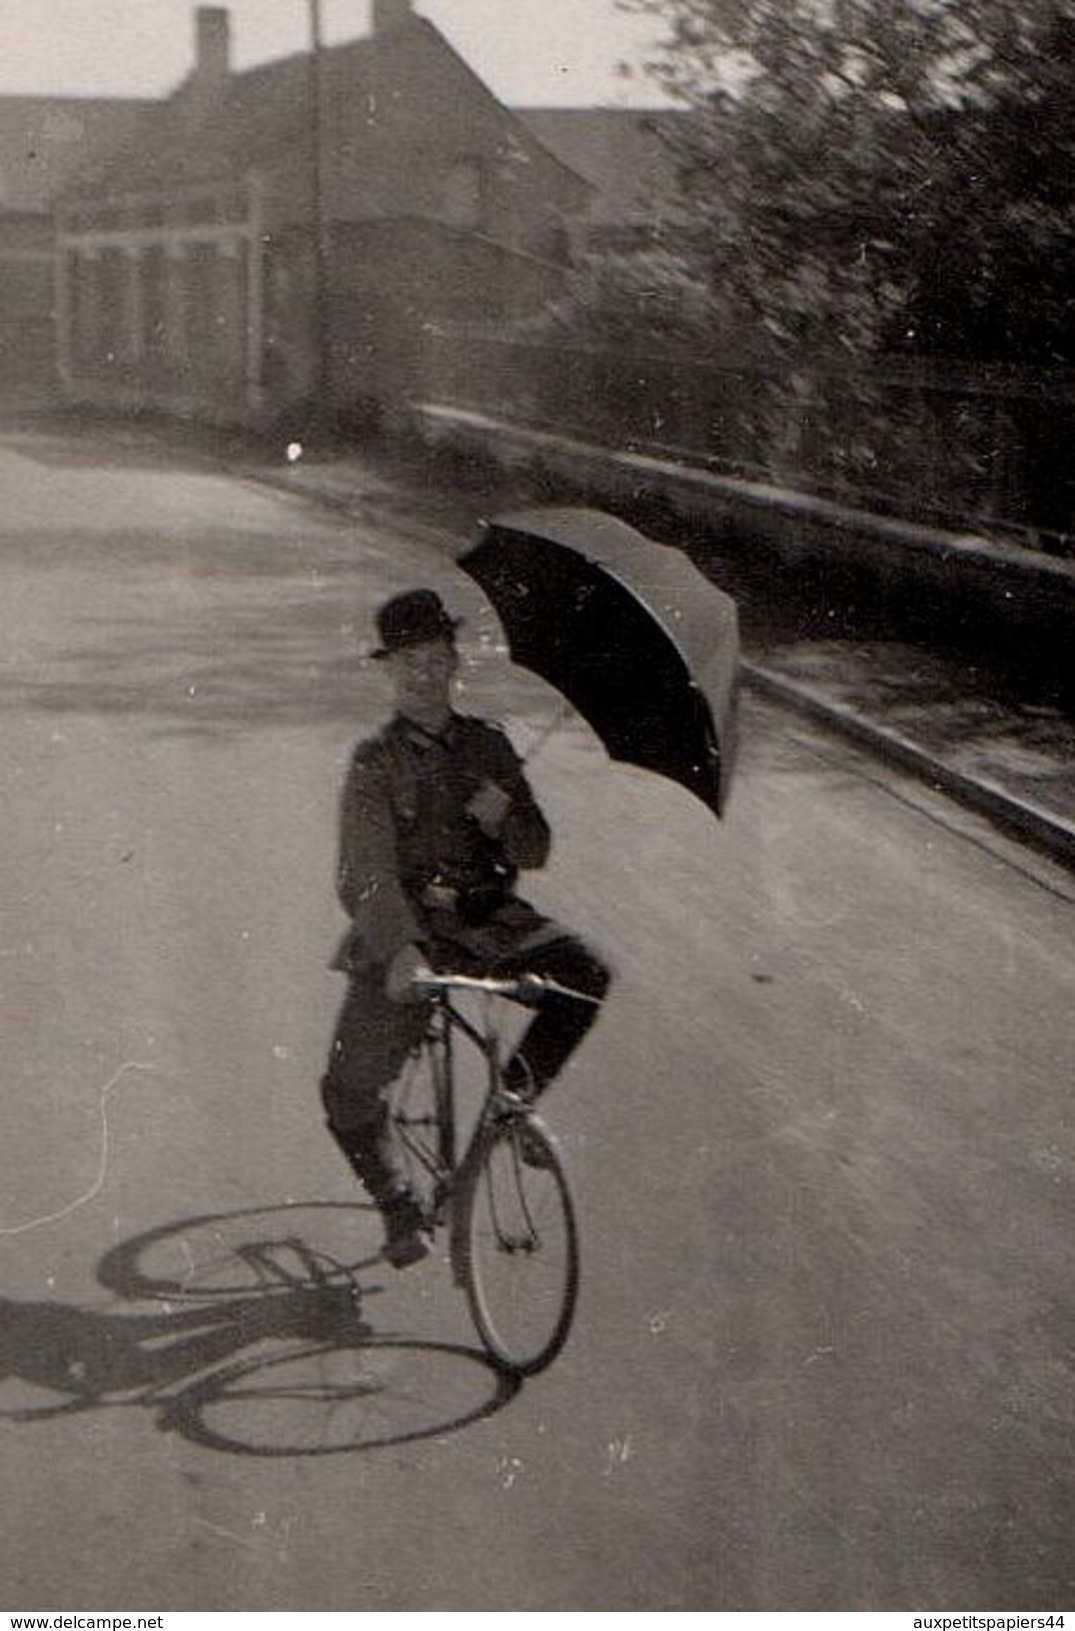 Amusante Photo Originale Guerre 1939-45 - Le Clown De La Wehrmacht Chapeau Melon Sur Son Vélo & Parapluie Ouvert ! - Cyclisme